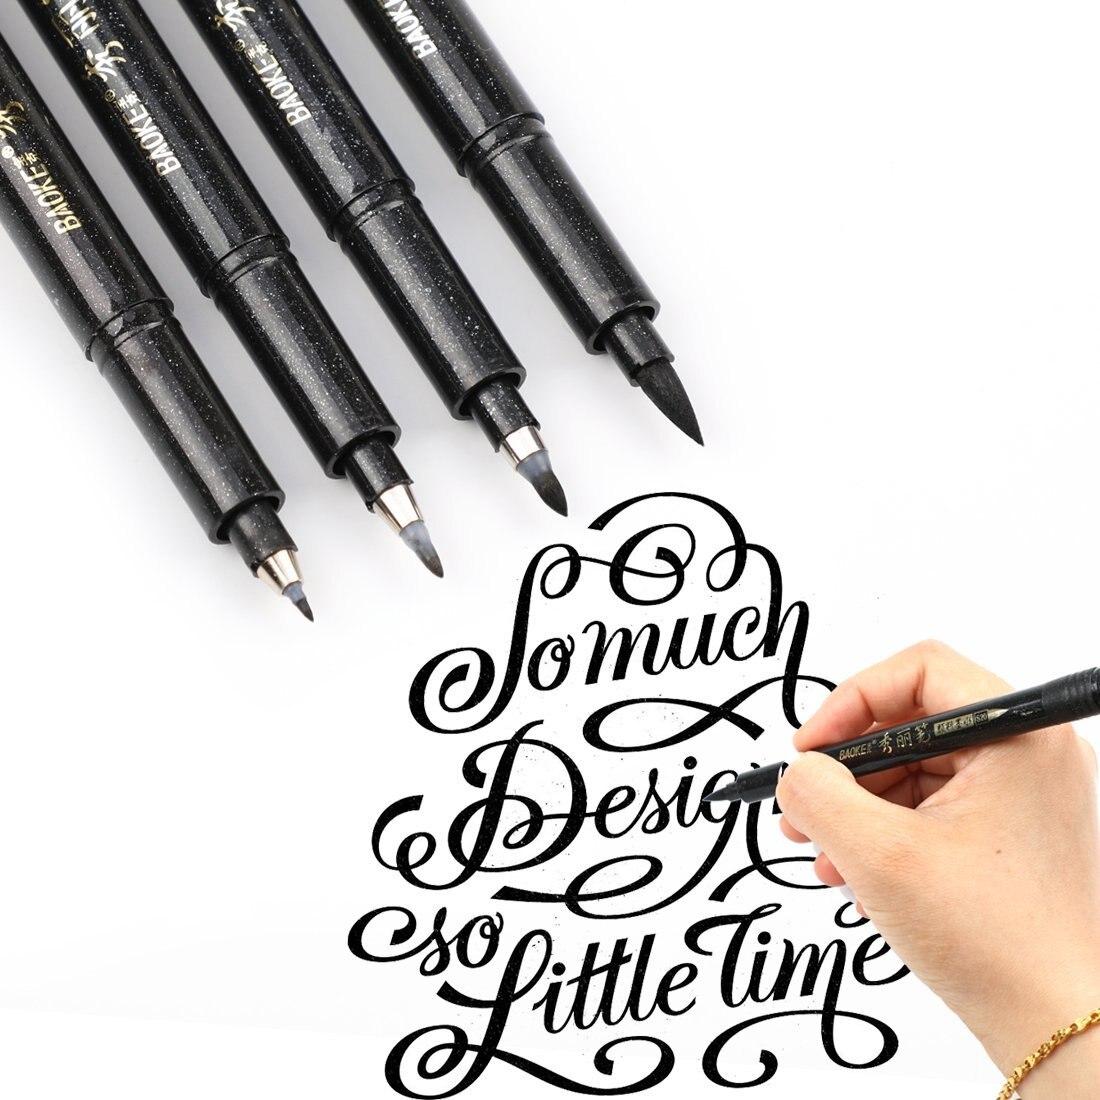 4-pcs-lot-chinois-japonais-calligraphie-pinceau-stylo-art-artisanat-fournitures-bureau-ecole-outils-d'ecriture